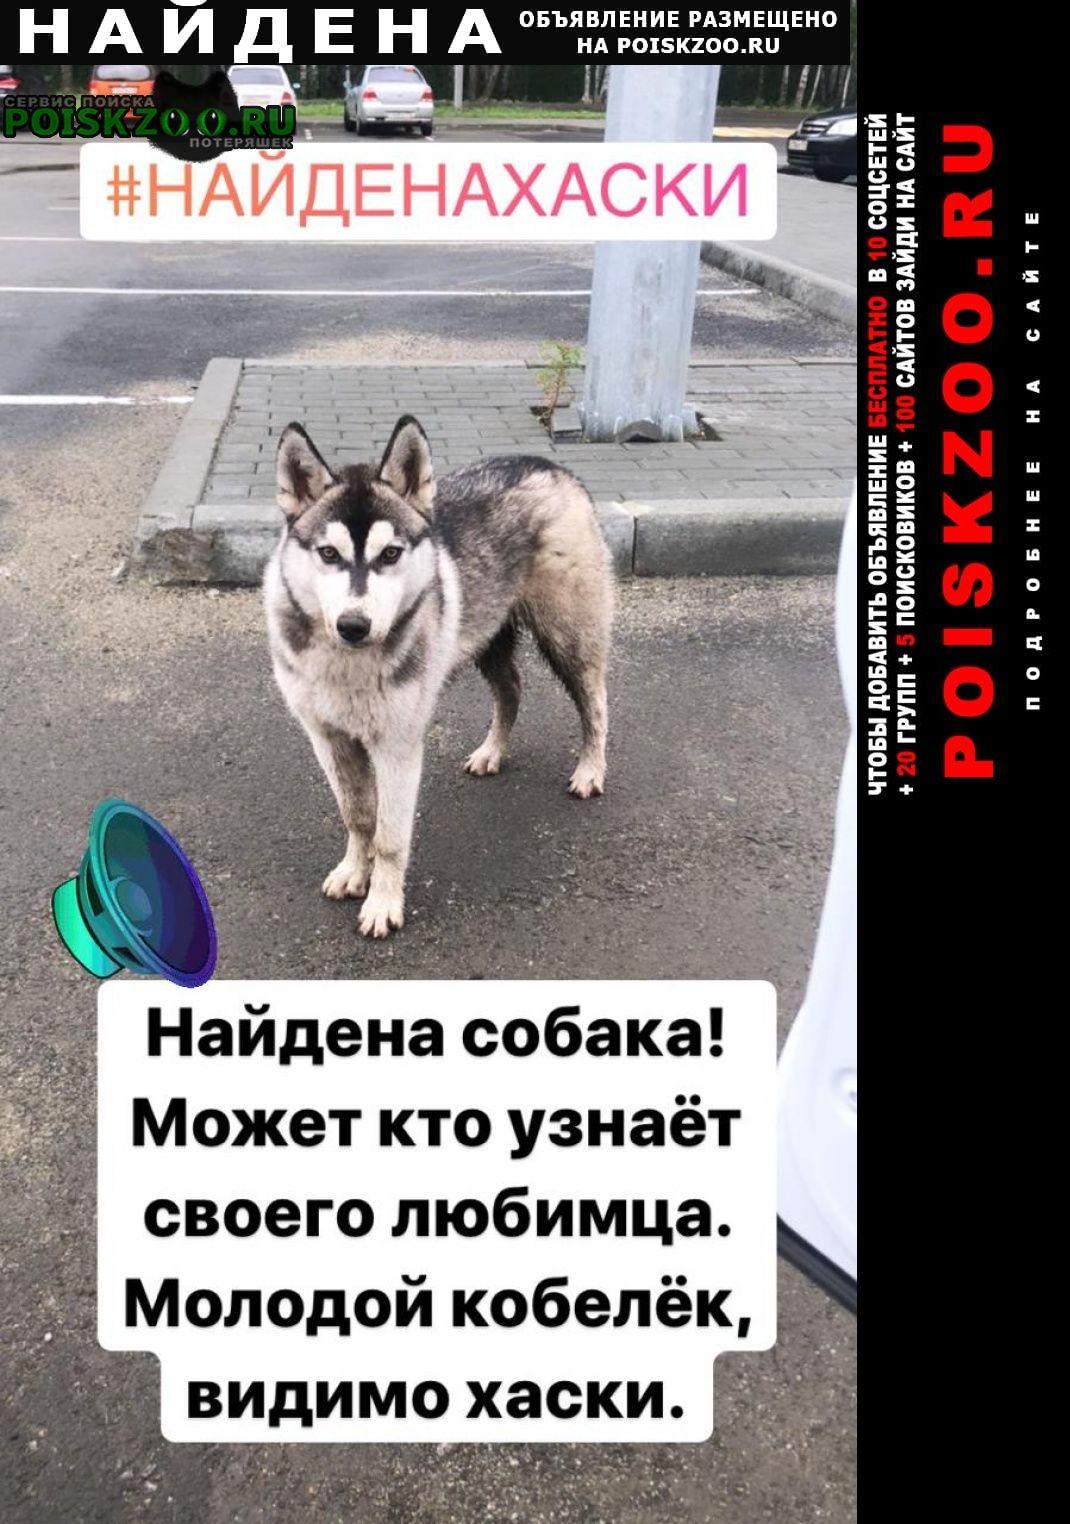 Найдена собака кобель хаски молодой Челябинск